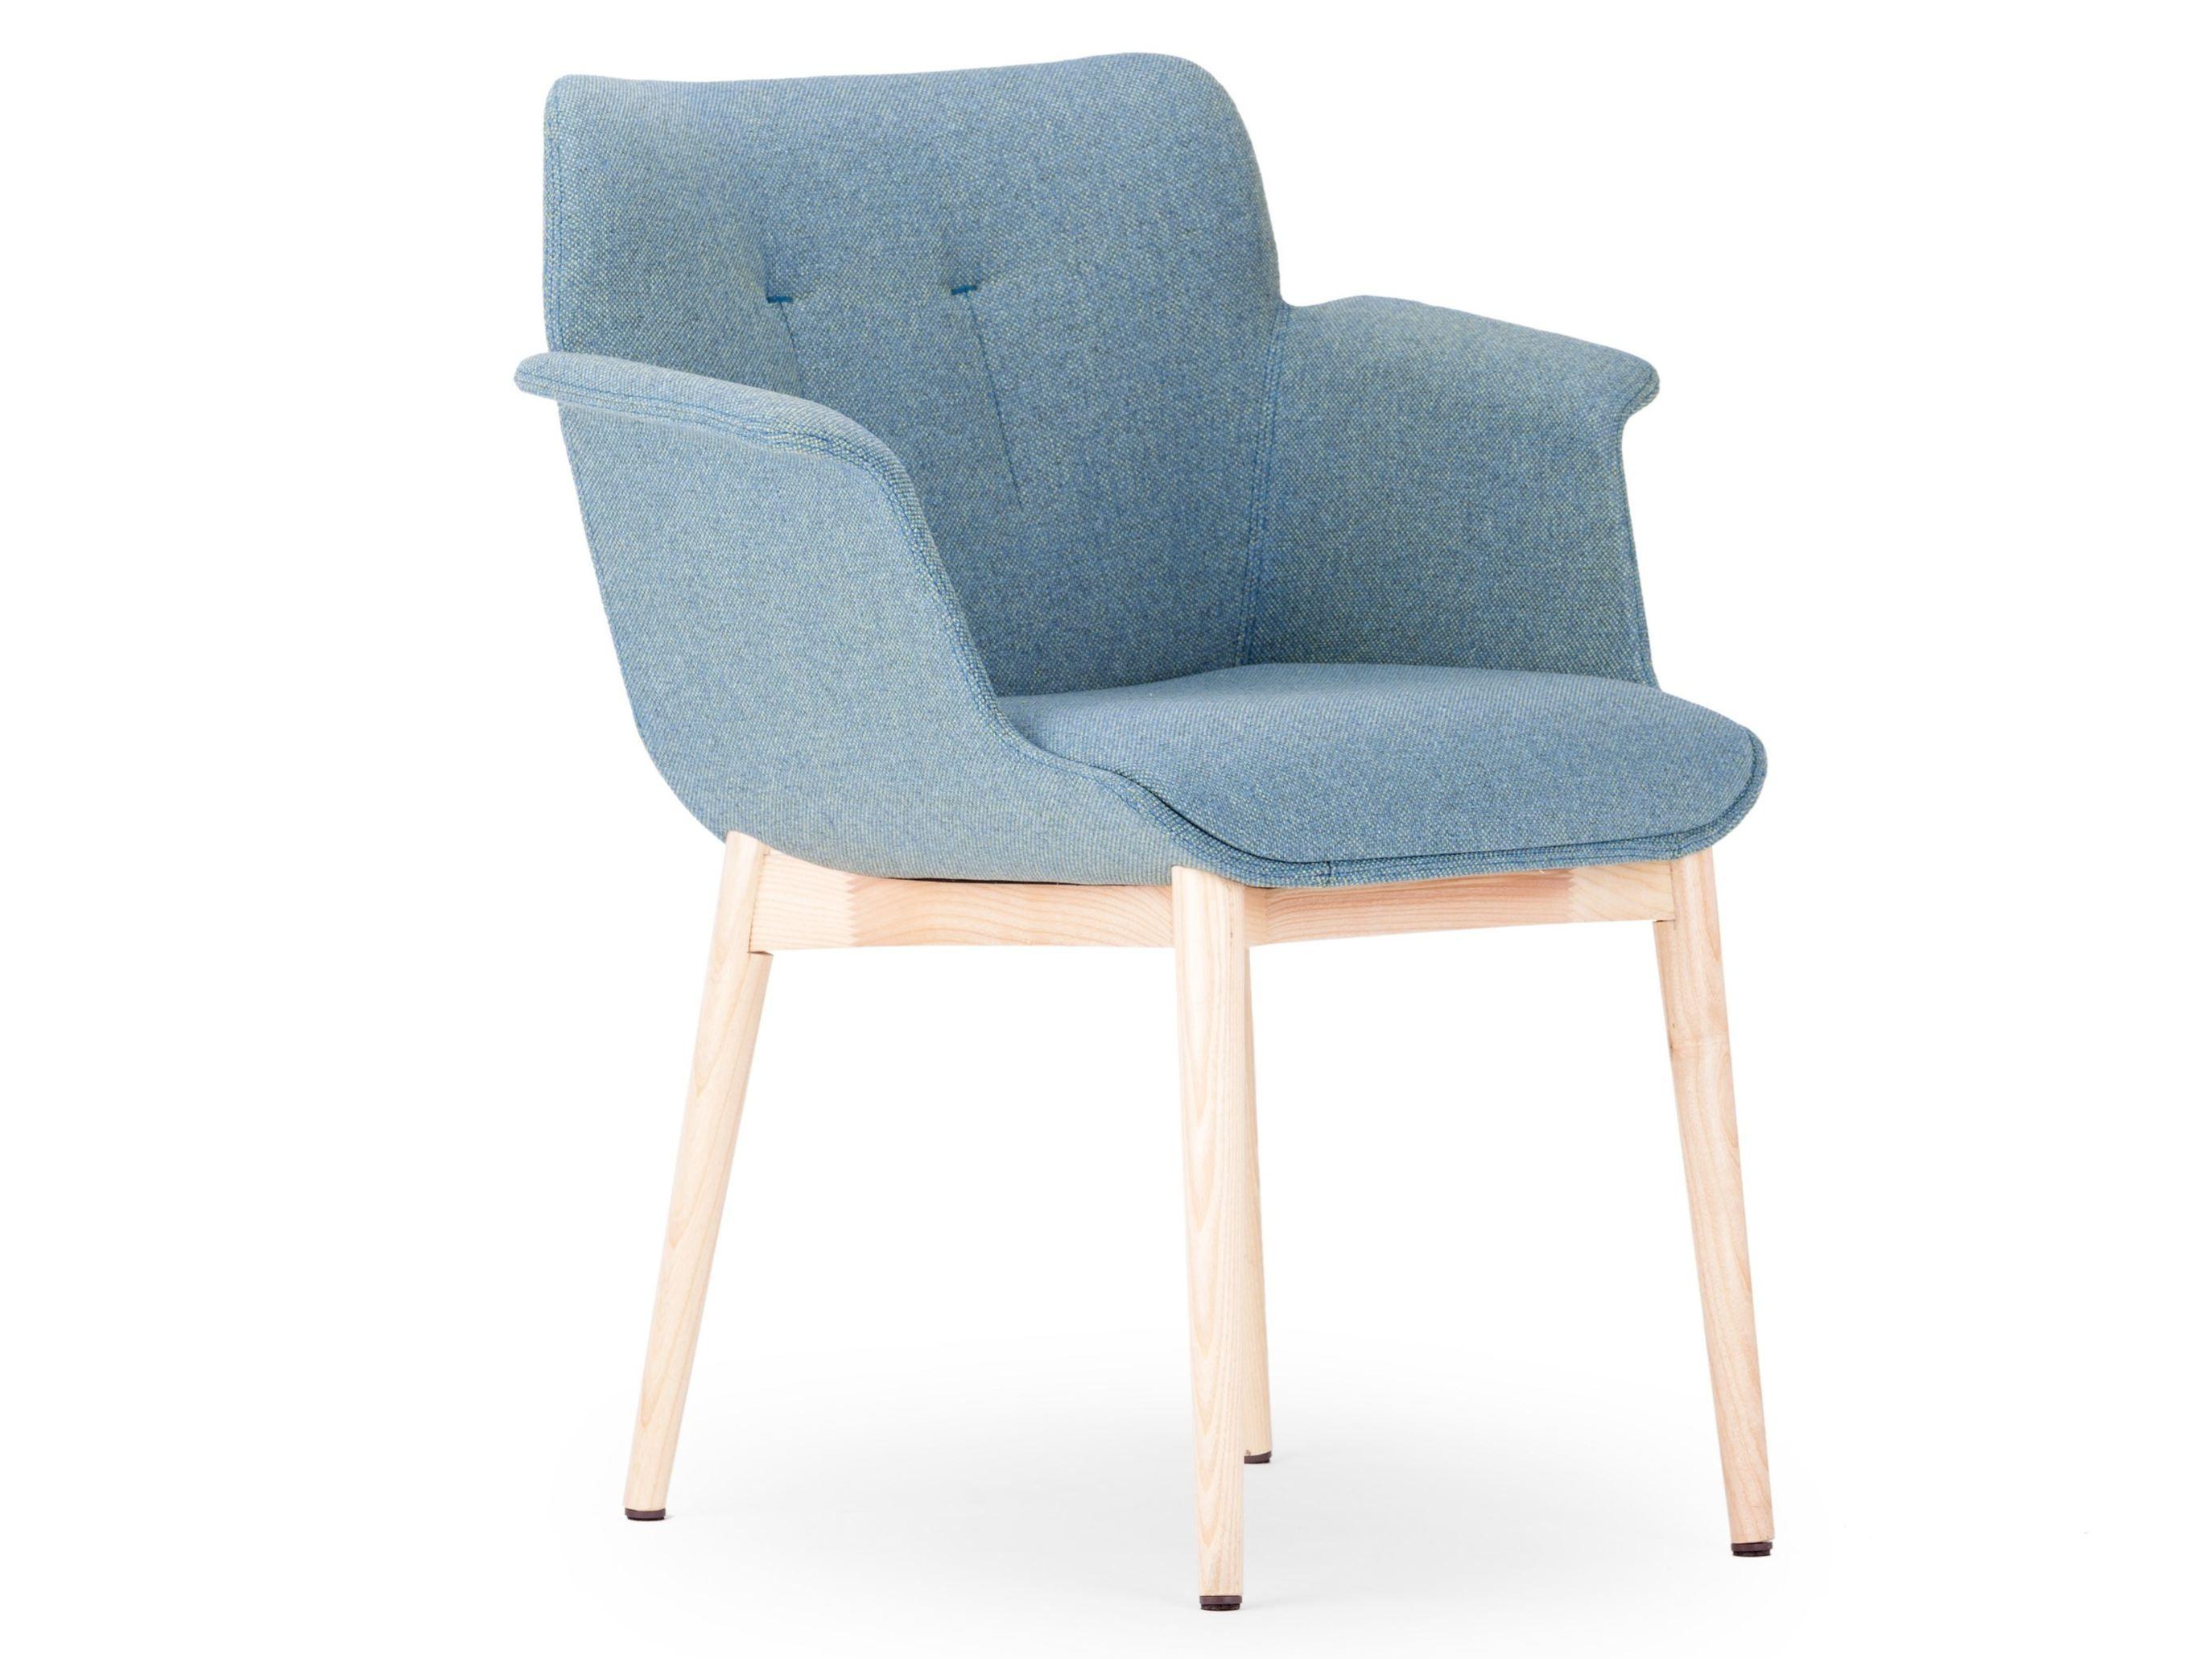 Hive petit fauteuil by true design design favaretto partners - Petits fauteuils design ...